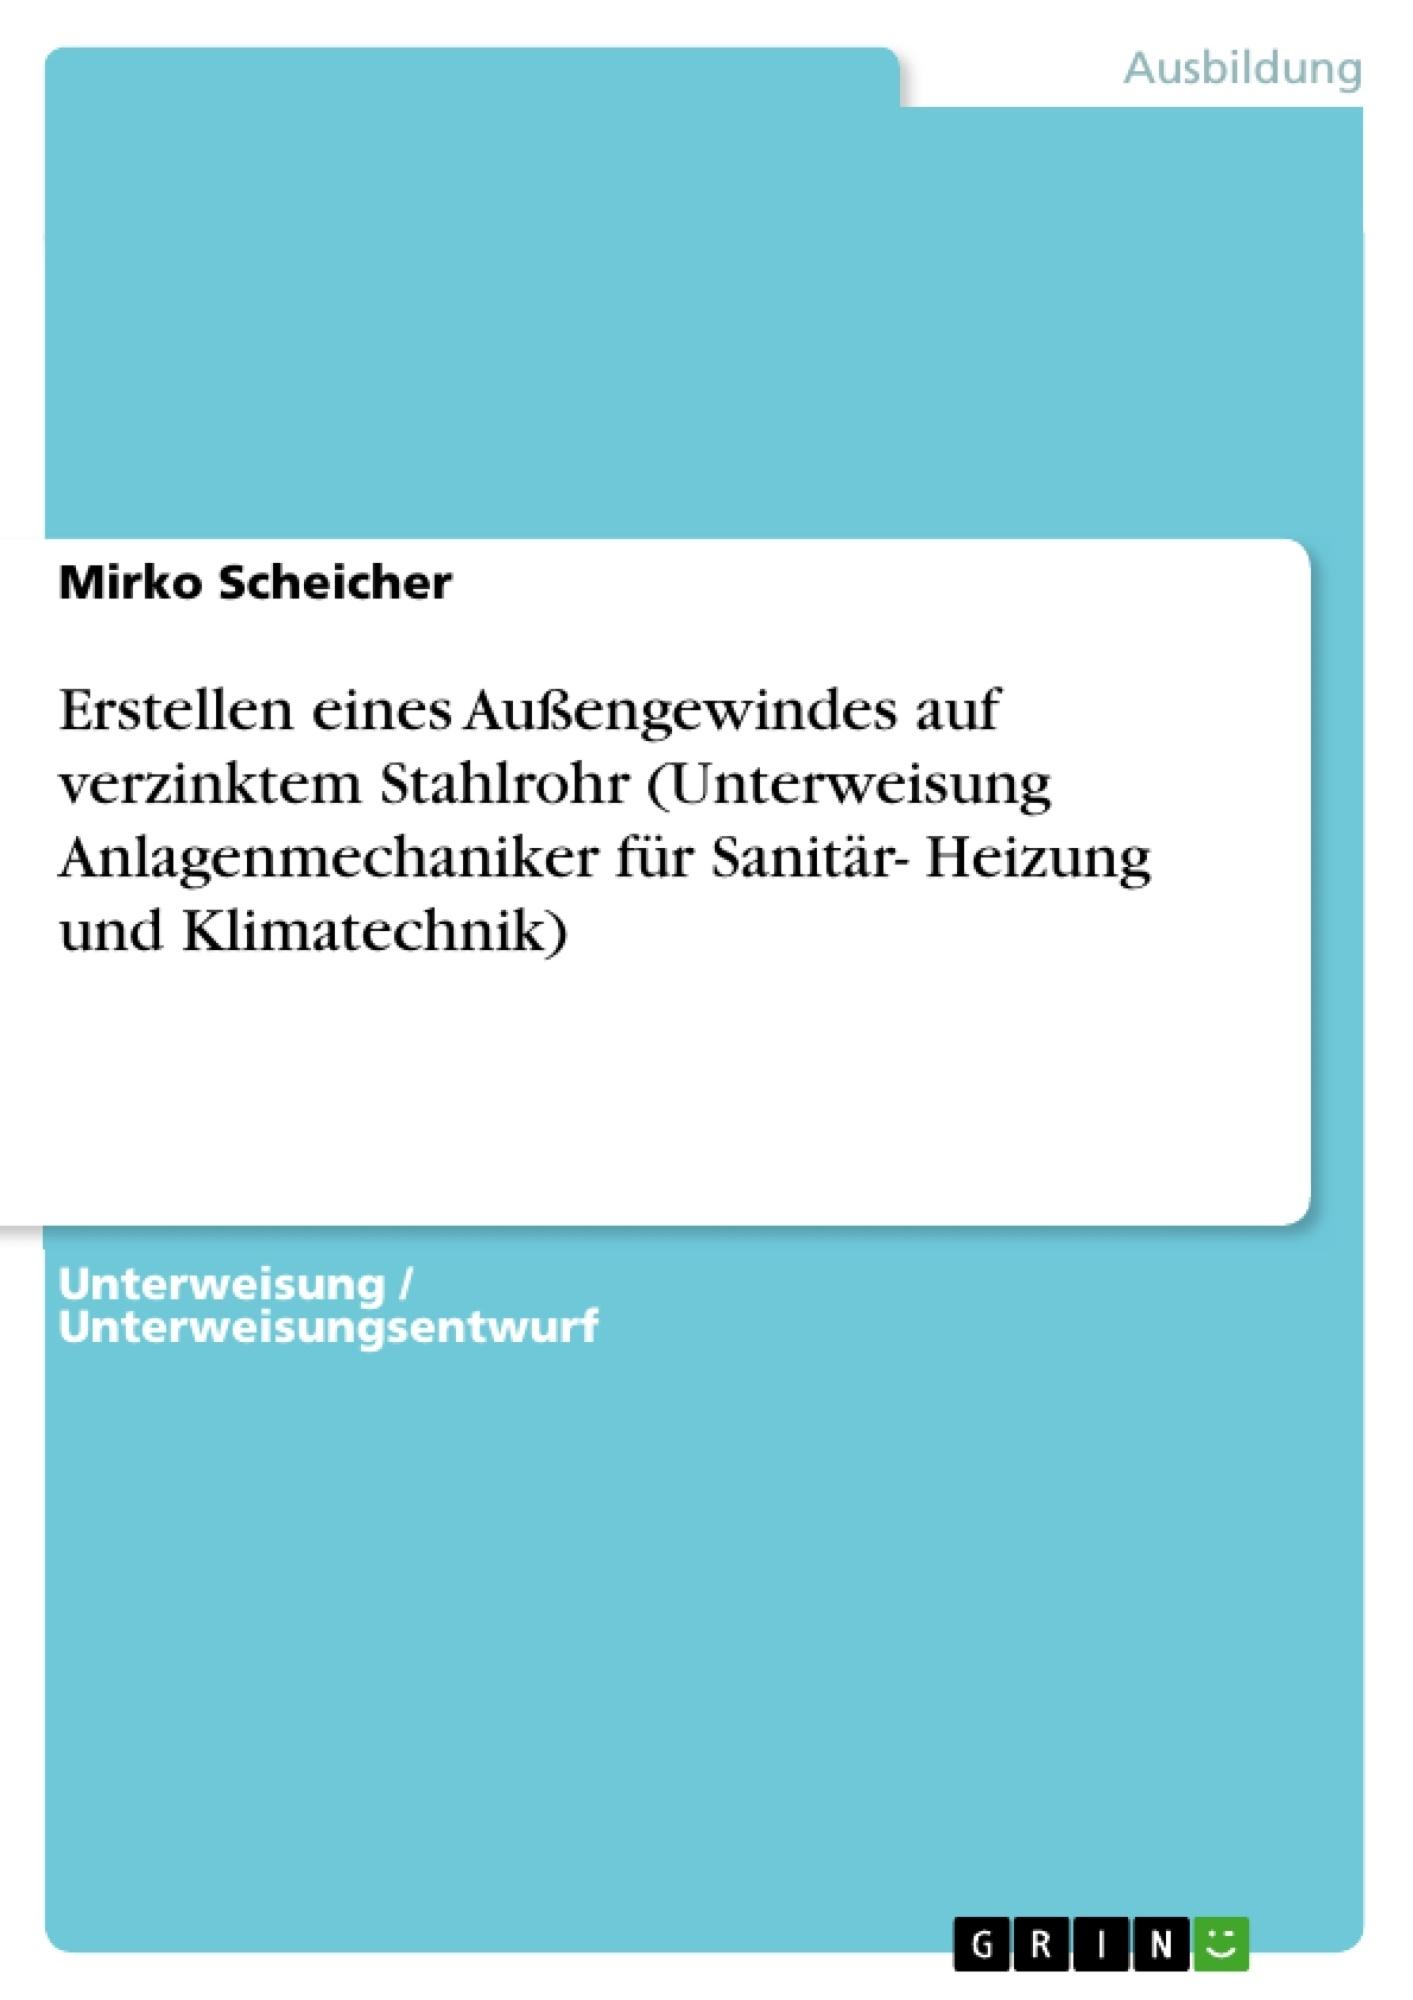 Titel: Erstellen eines Außengewindes auf verzinktem Stahlrohr (Unterweisung Anlagenmechaniker für Sanitär- Heizung und Klimatechnik)